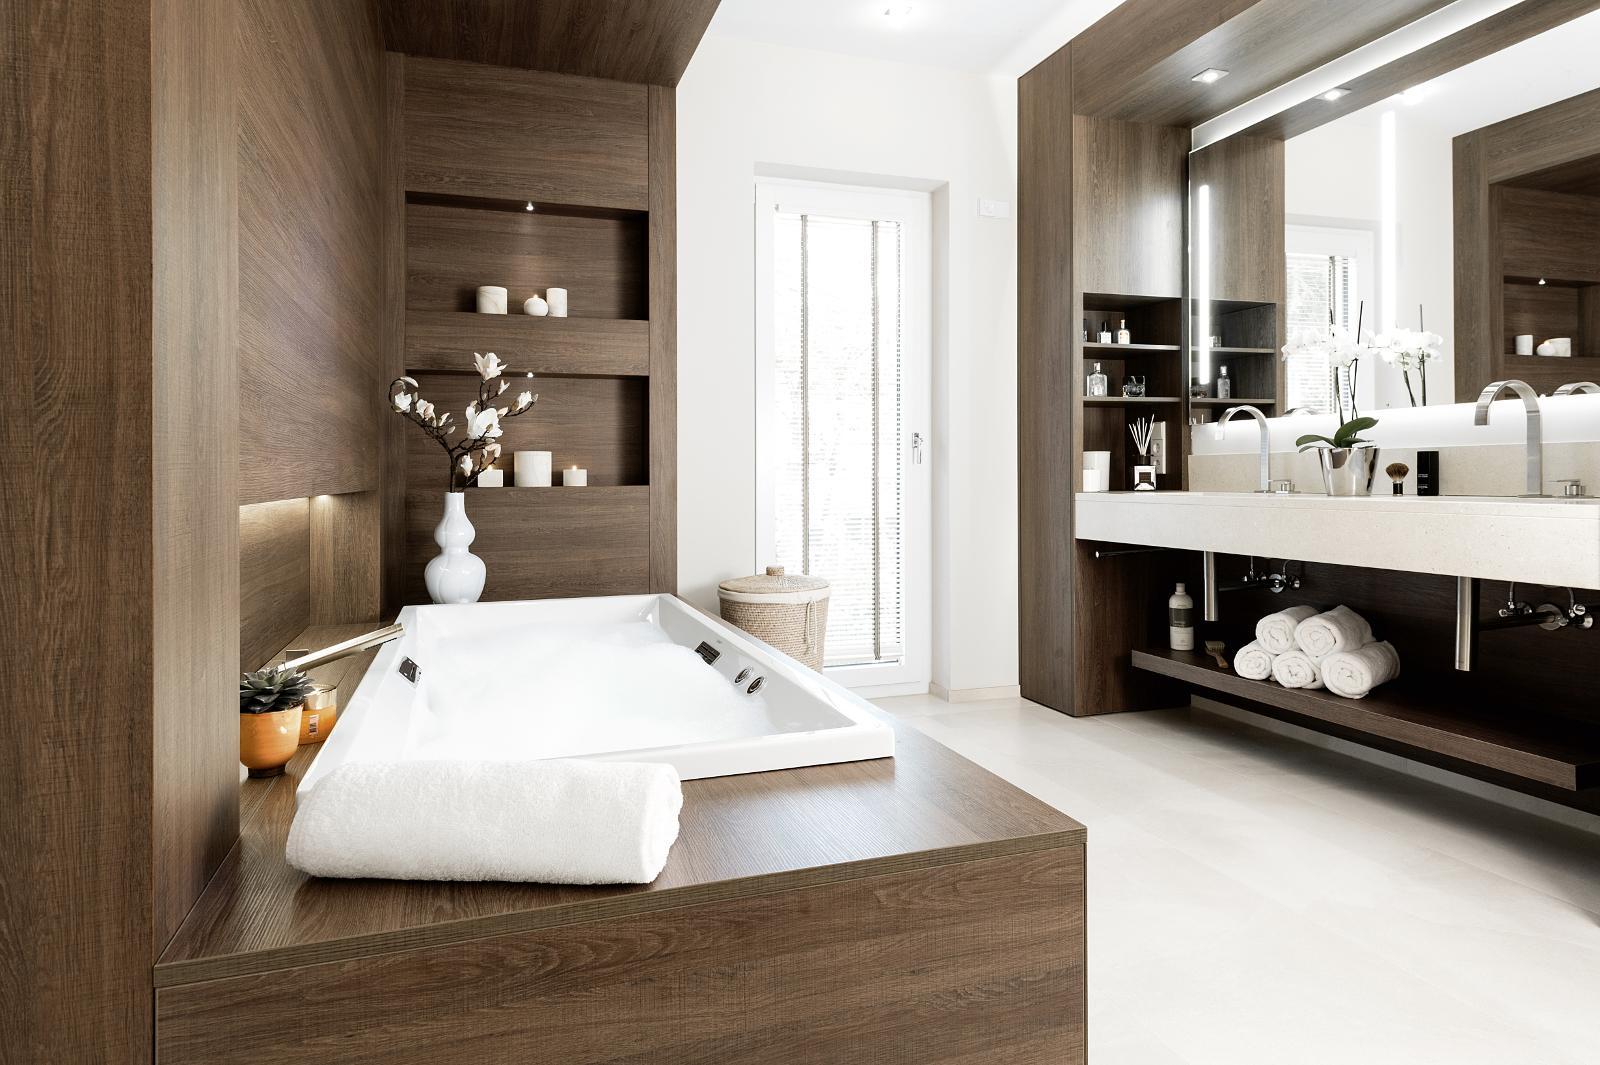 Holz im Badezimmer | Laabs | Potsdam-Drewitz | (Berlin-Brandenburg ...